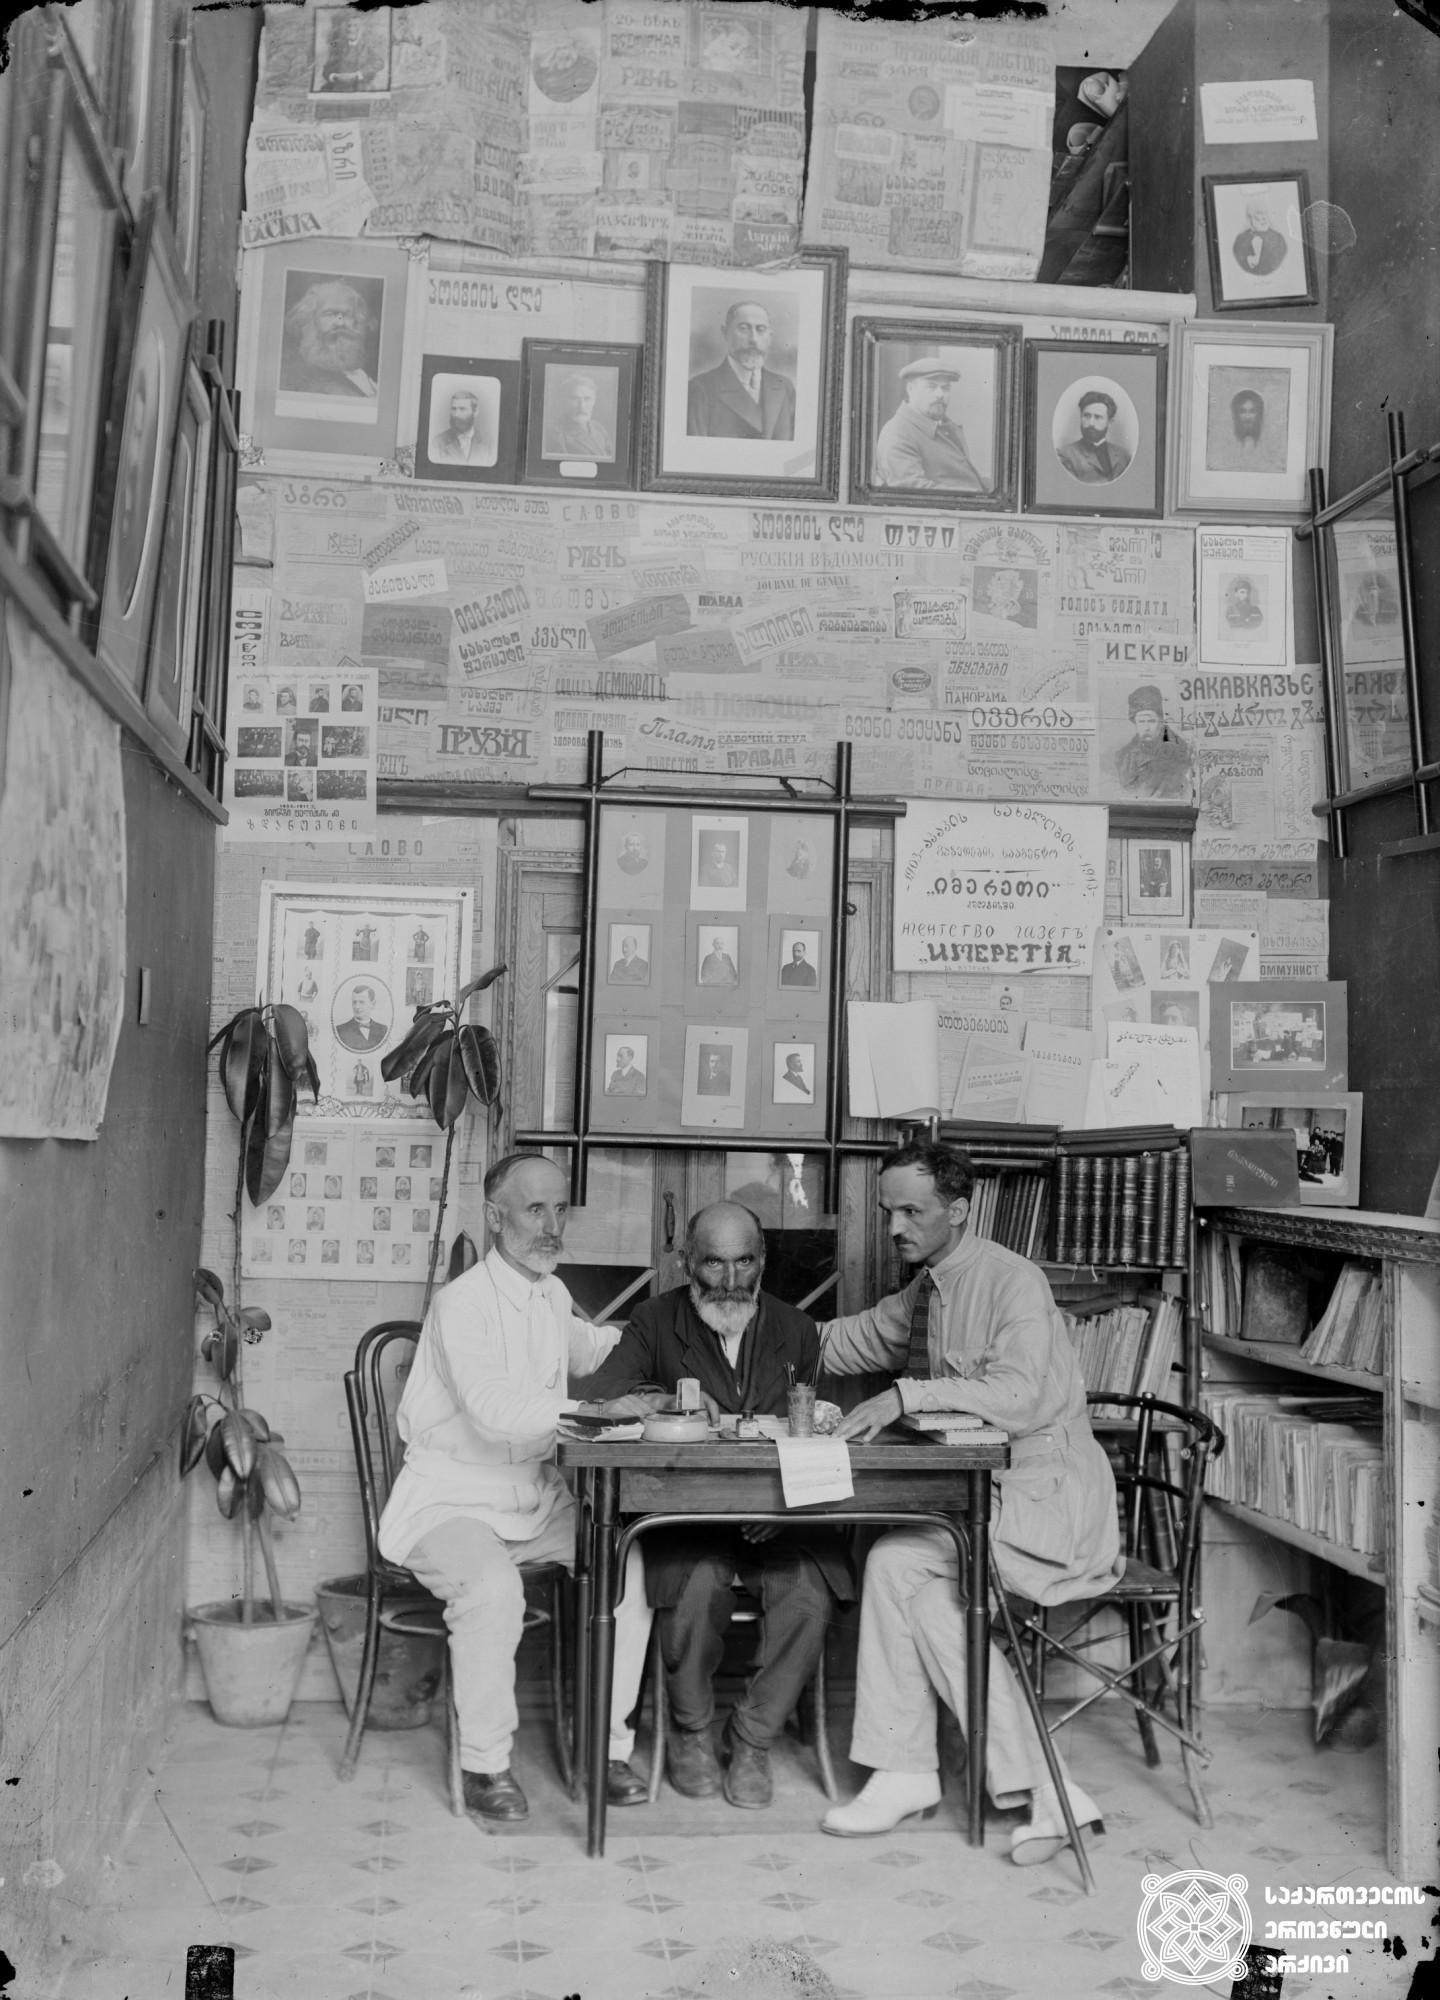 """მარცხნიდან: ისიდორე კვიცარიძე, ზაქარია ჭიჭინაძე და იასონ გაბილაია აკაკი წერეთლის სახელობის სააგენტო """"იმერეთში"""". <br> From left: Isidore Kvitsaridze, Zakaria Chichinadze and Iason Gabilaia at Akaki Tsereteli Agency """"Imereti"""". <br> [1908]"""